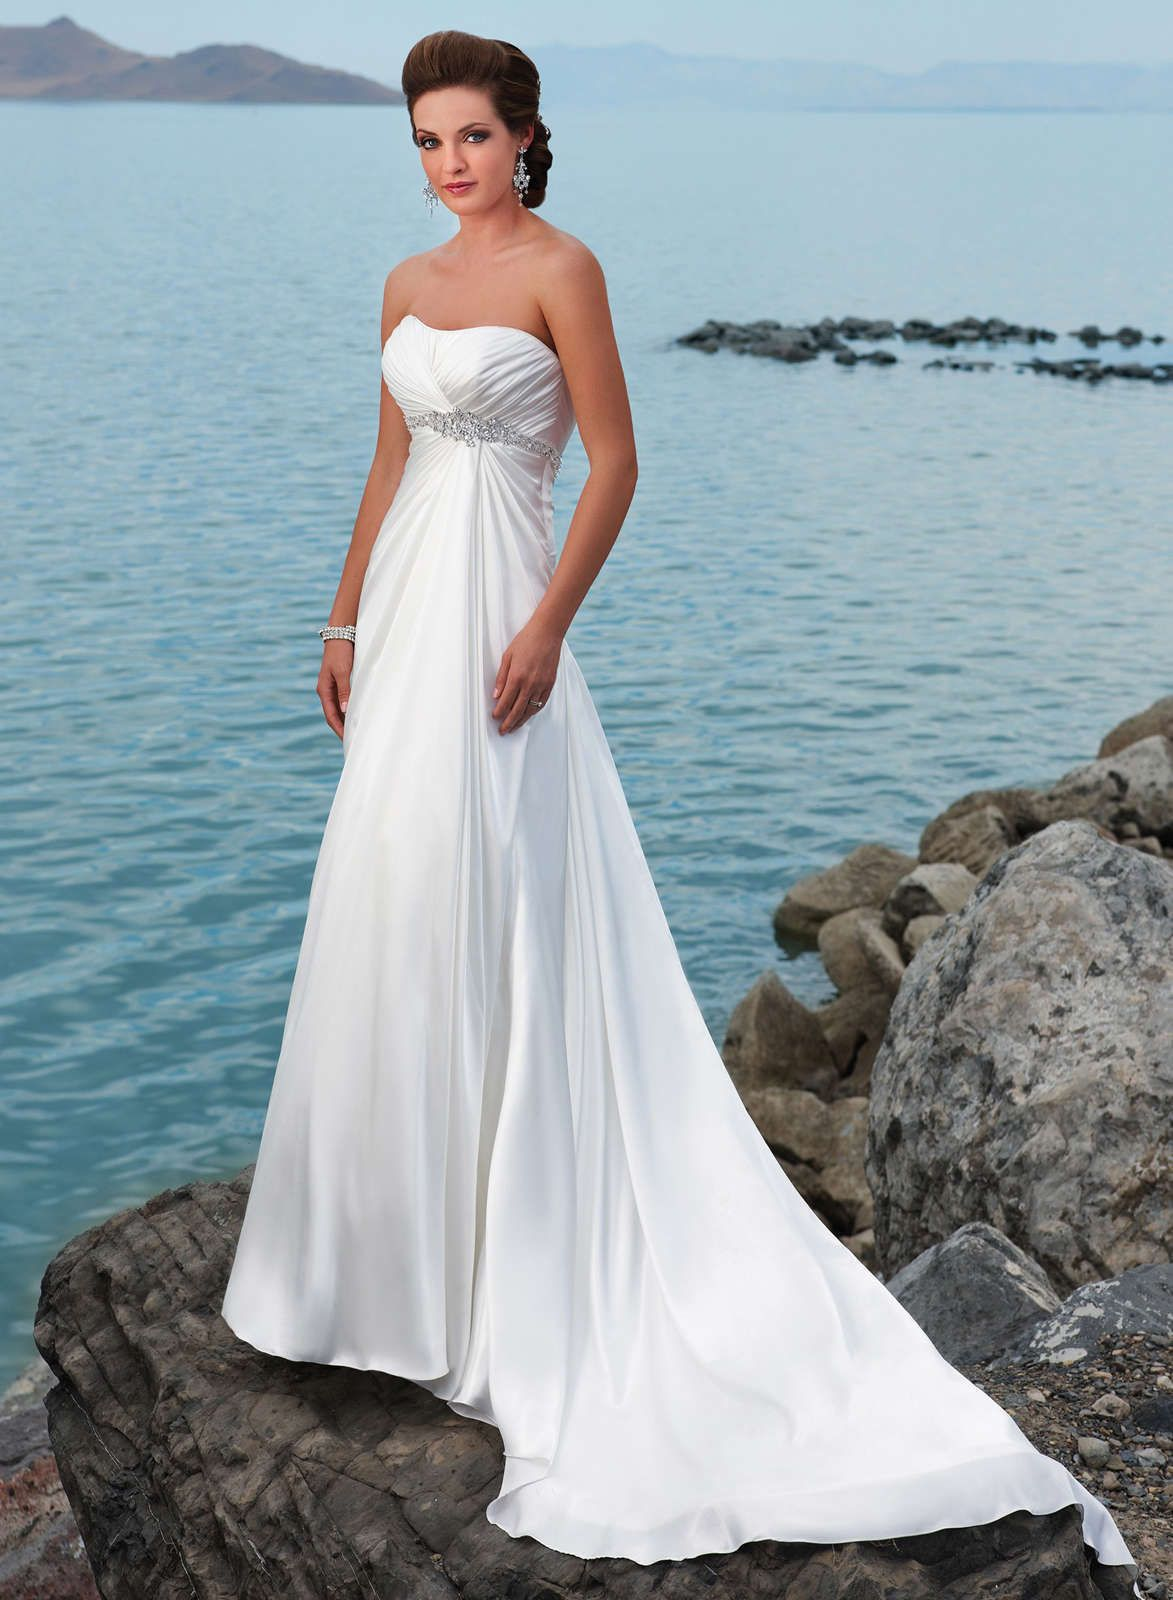 Delighted Vestidos De Novia Sencillo Contemporary - Wedding Ideas ...